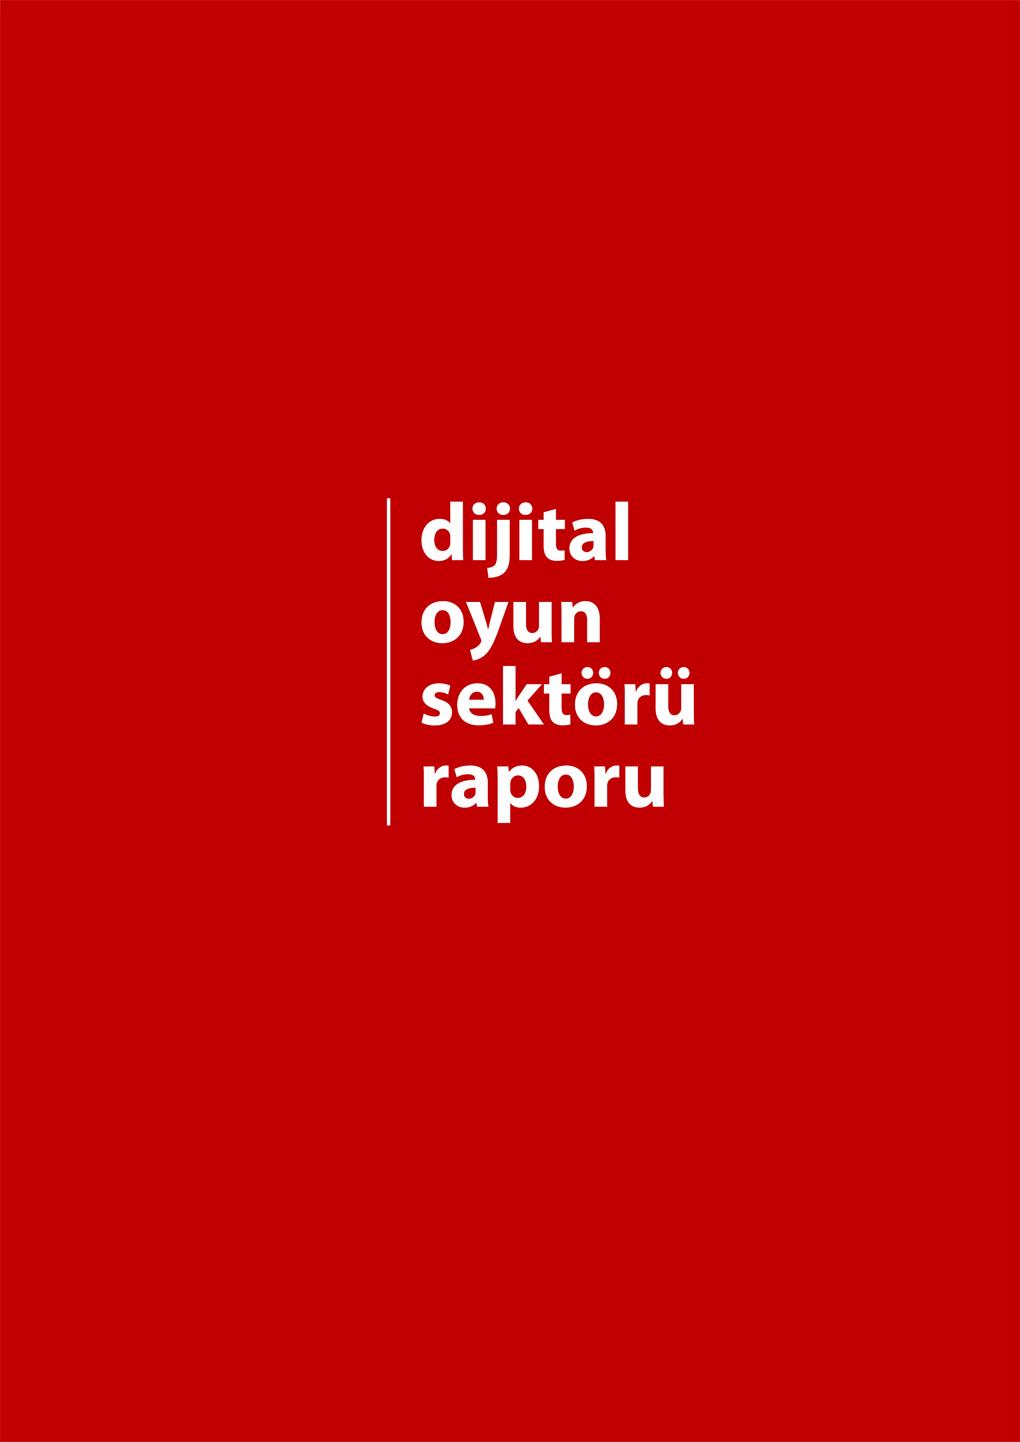 Turkey: dijital oyun sektörü raporu 2017